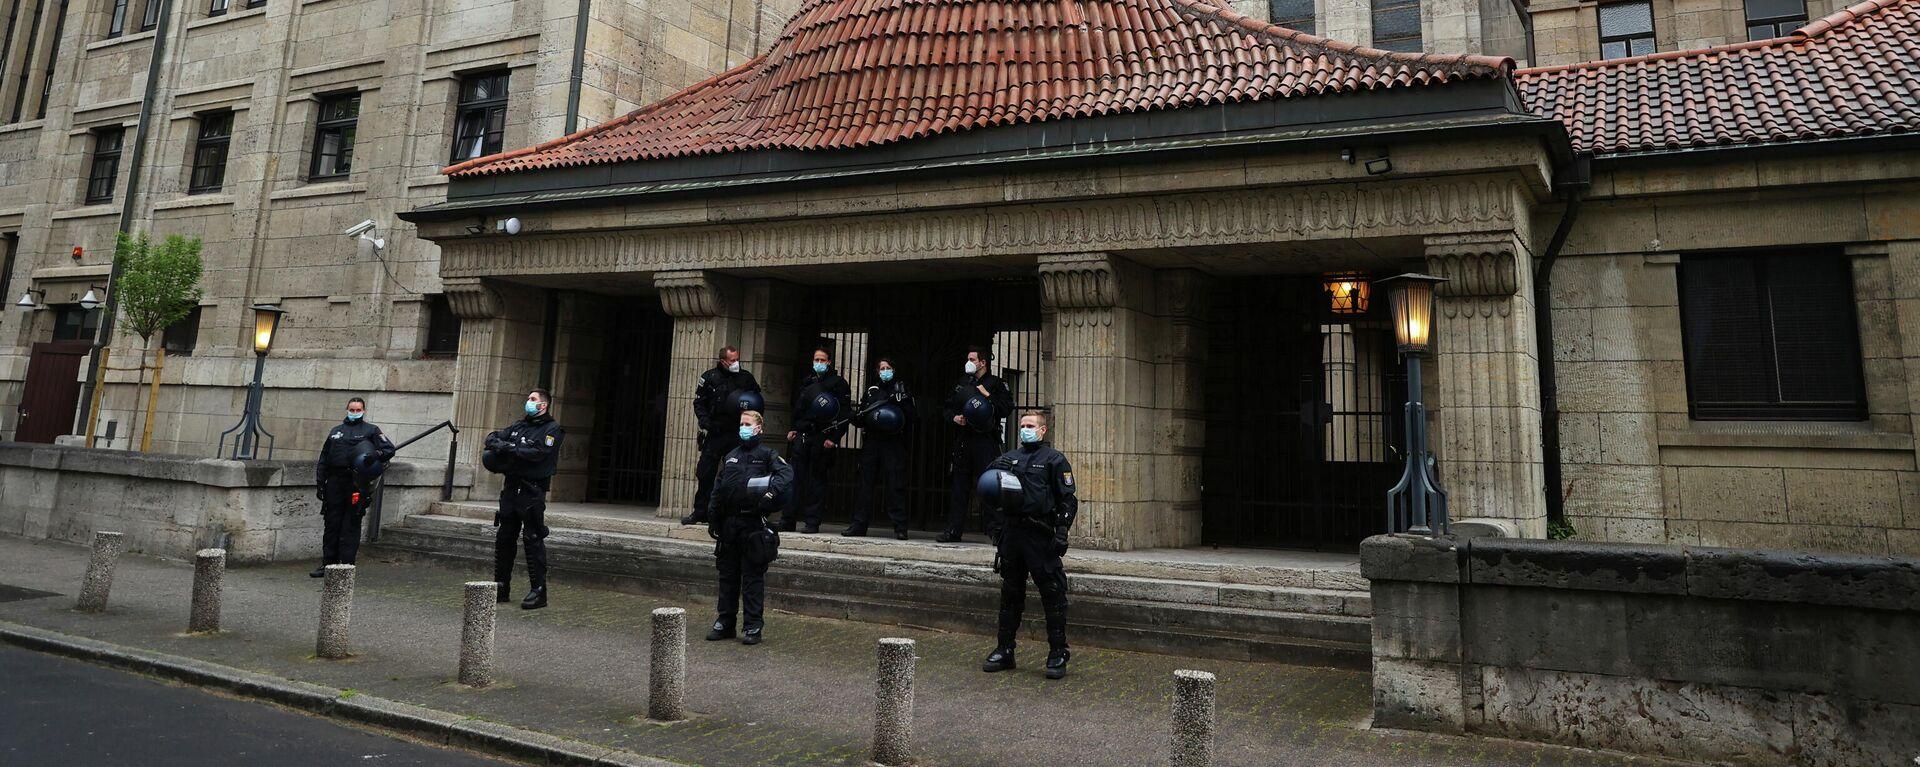 Polizeibeamte bewachen eine Synagoge während einer Demonstration anlässlich der Nakba und zur Unterstützung der Palästinenser in Frankfurt am 15. Mai 2021.  - SNA, 1920, 24.05.2021